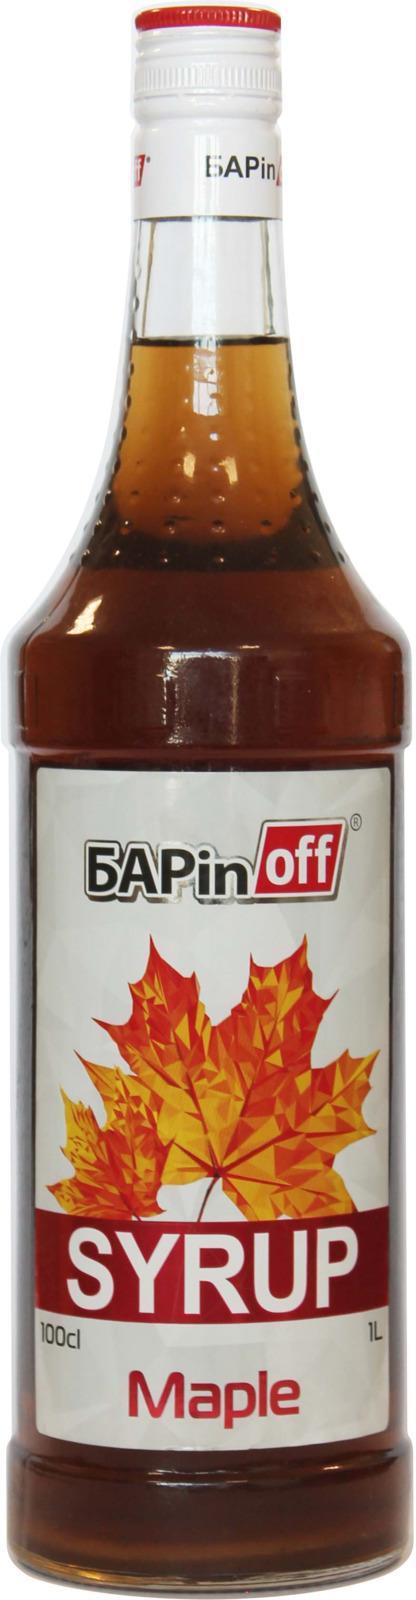 цена на Barinoff Сироп Кленовый, 1 л